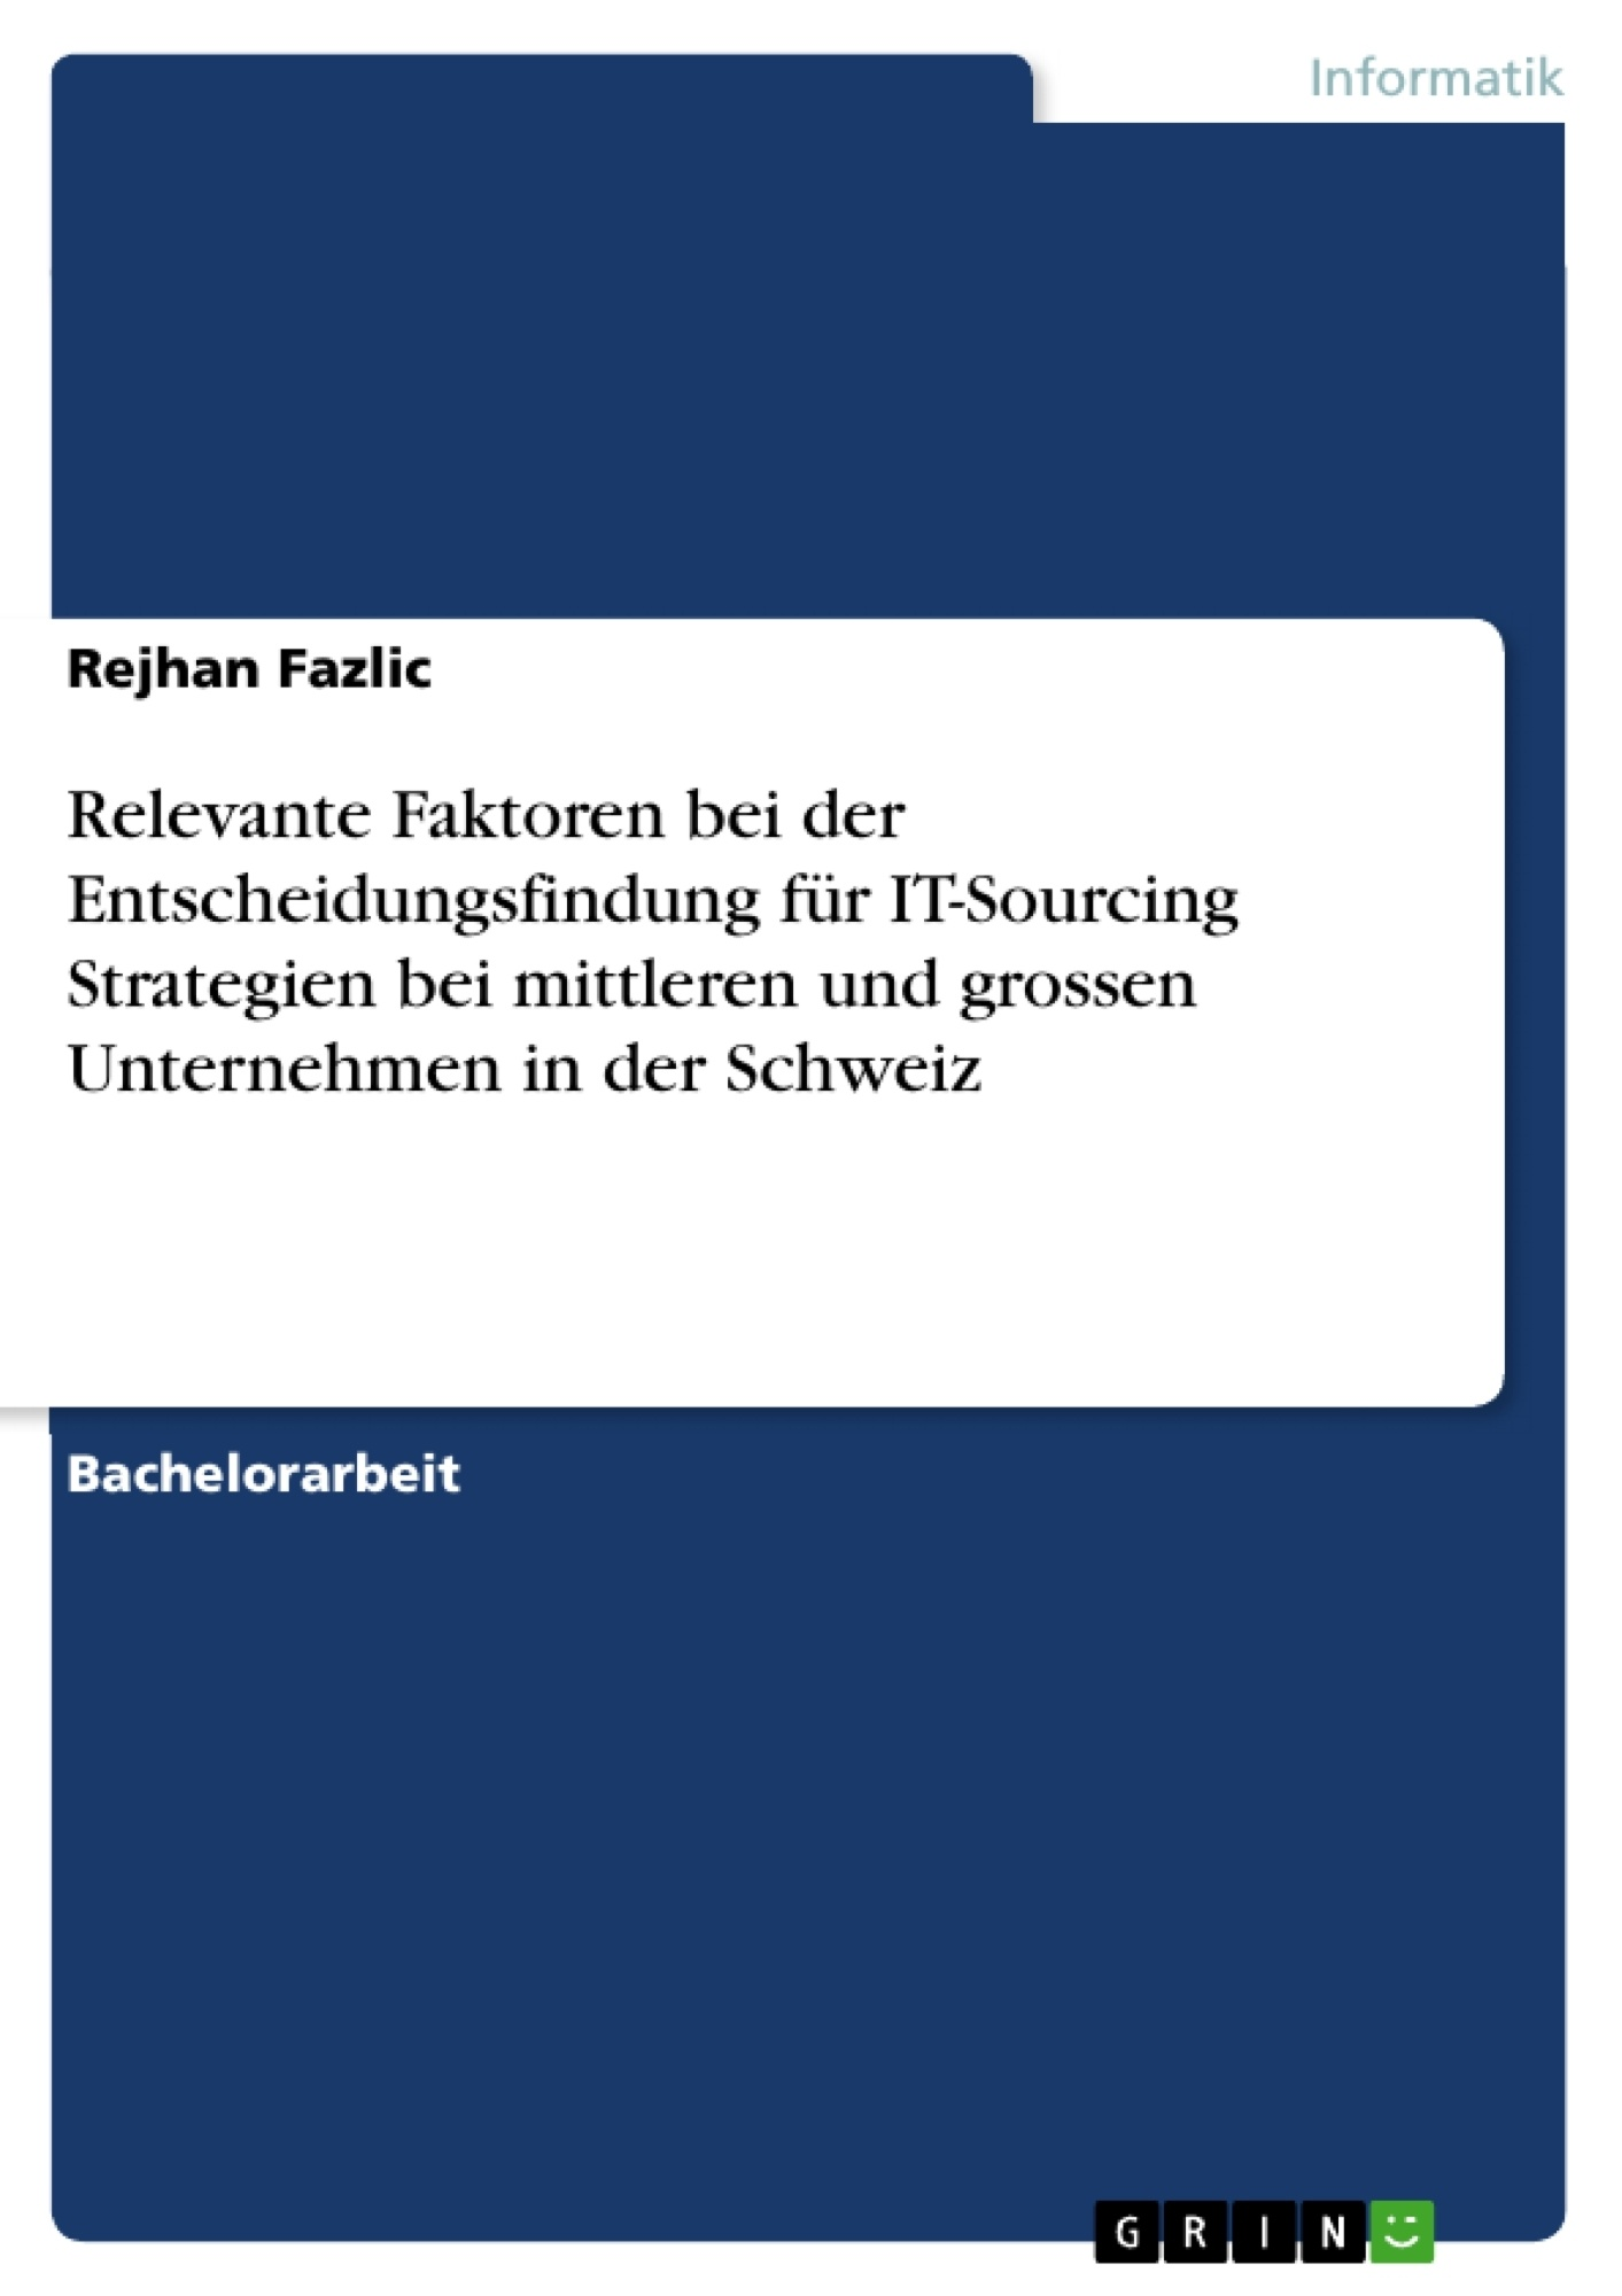 Titel: Relevante Faktoren bei der Entscheidungsfindung für IT-Sourcing Strategien bei mittleren und grossen Unternehmen in der Schweiz